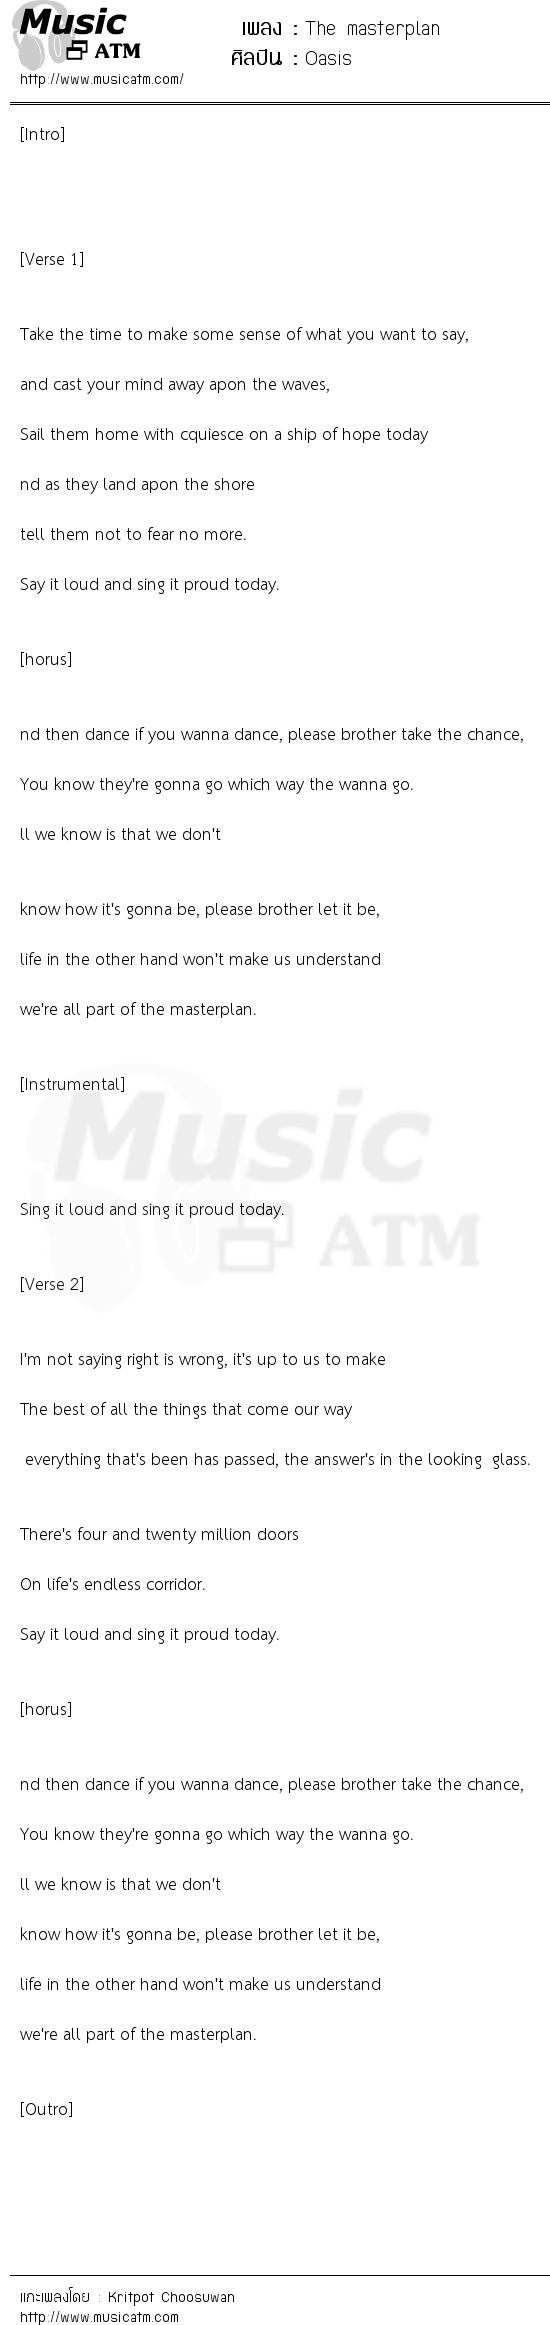 The masterplan | เพลงไทย